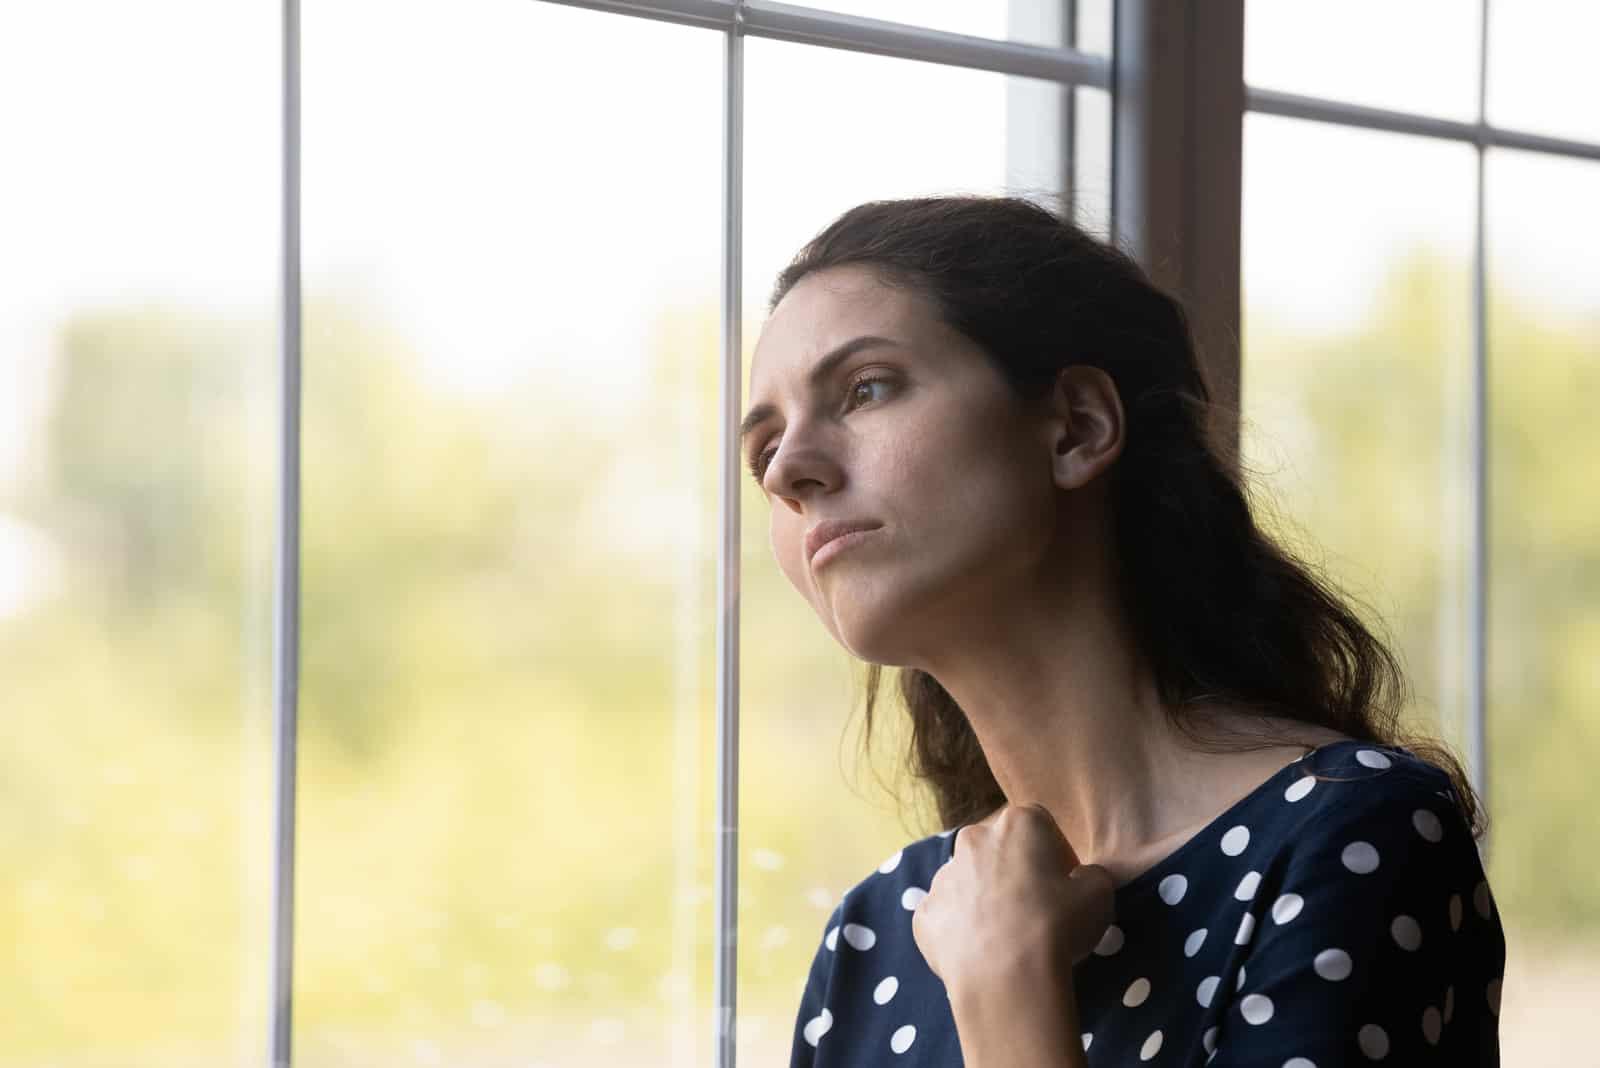 Unglückliche junge kaukasische Frau schauen in Fensterentfernung